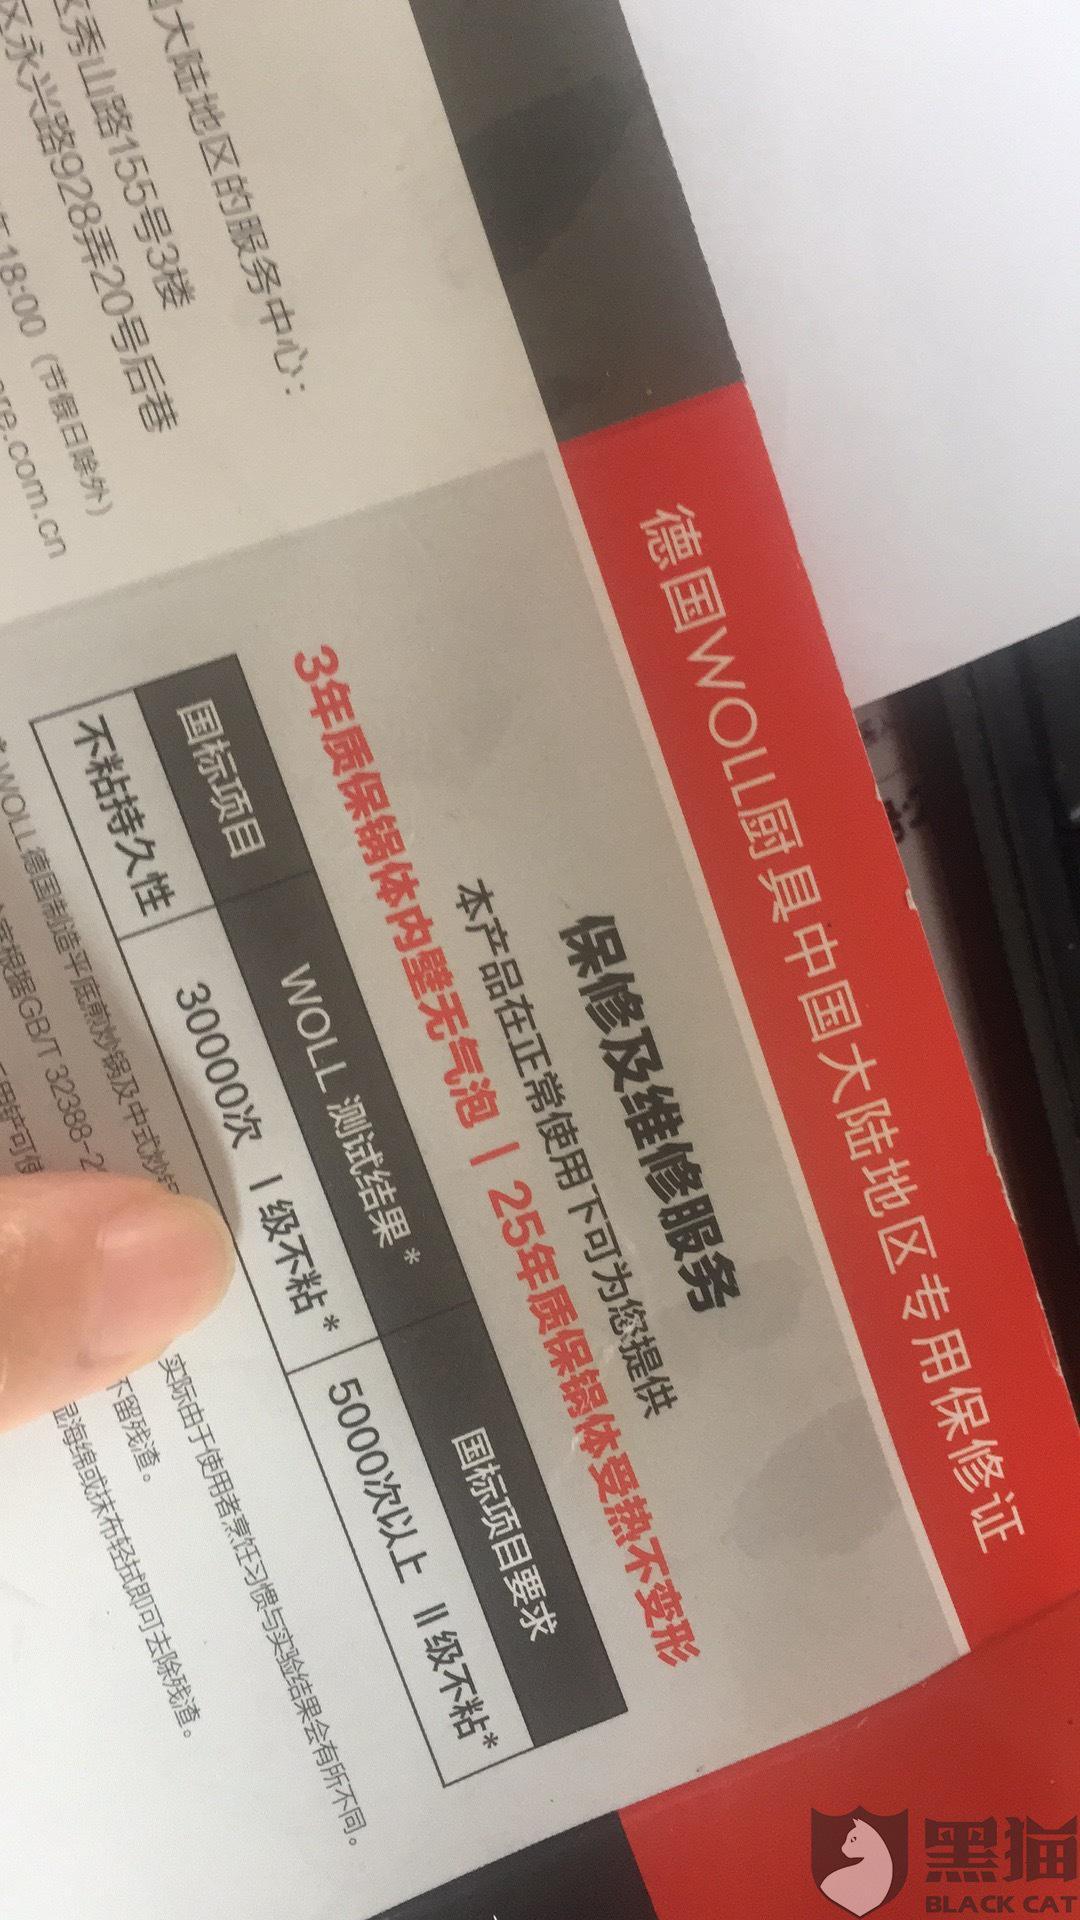 黑猫投诉:woll 煎锅25年质保是虚假宣传,所谓售后就是花90%的钱重买,严重侵权!